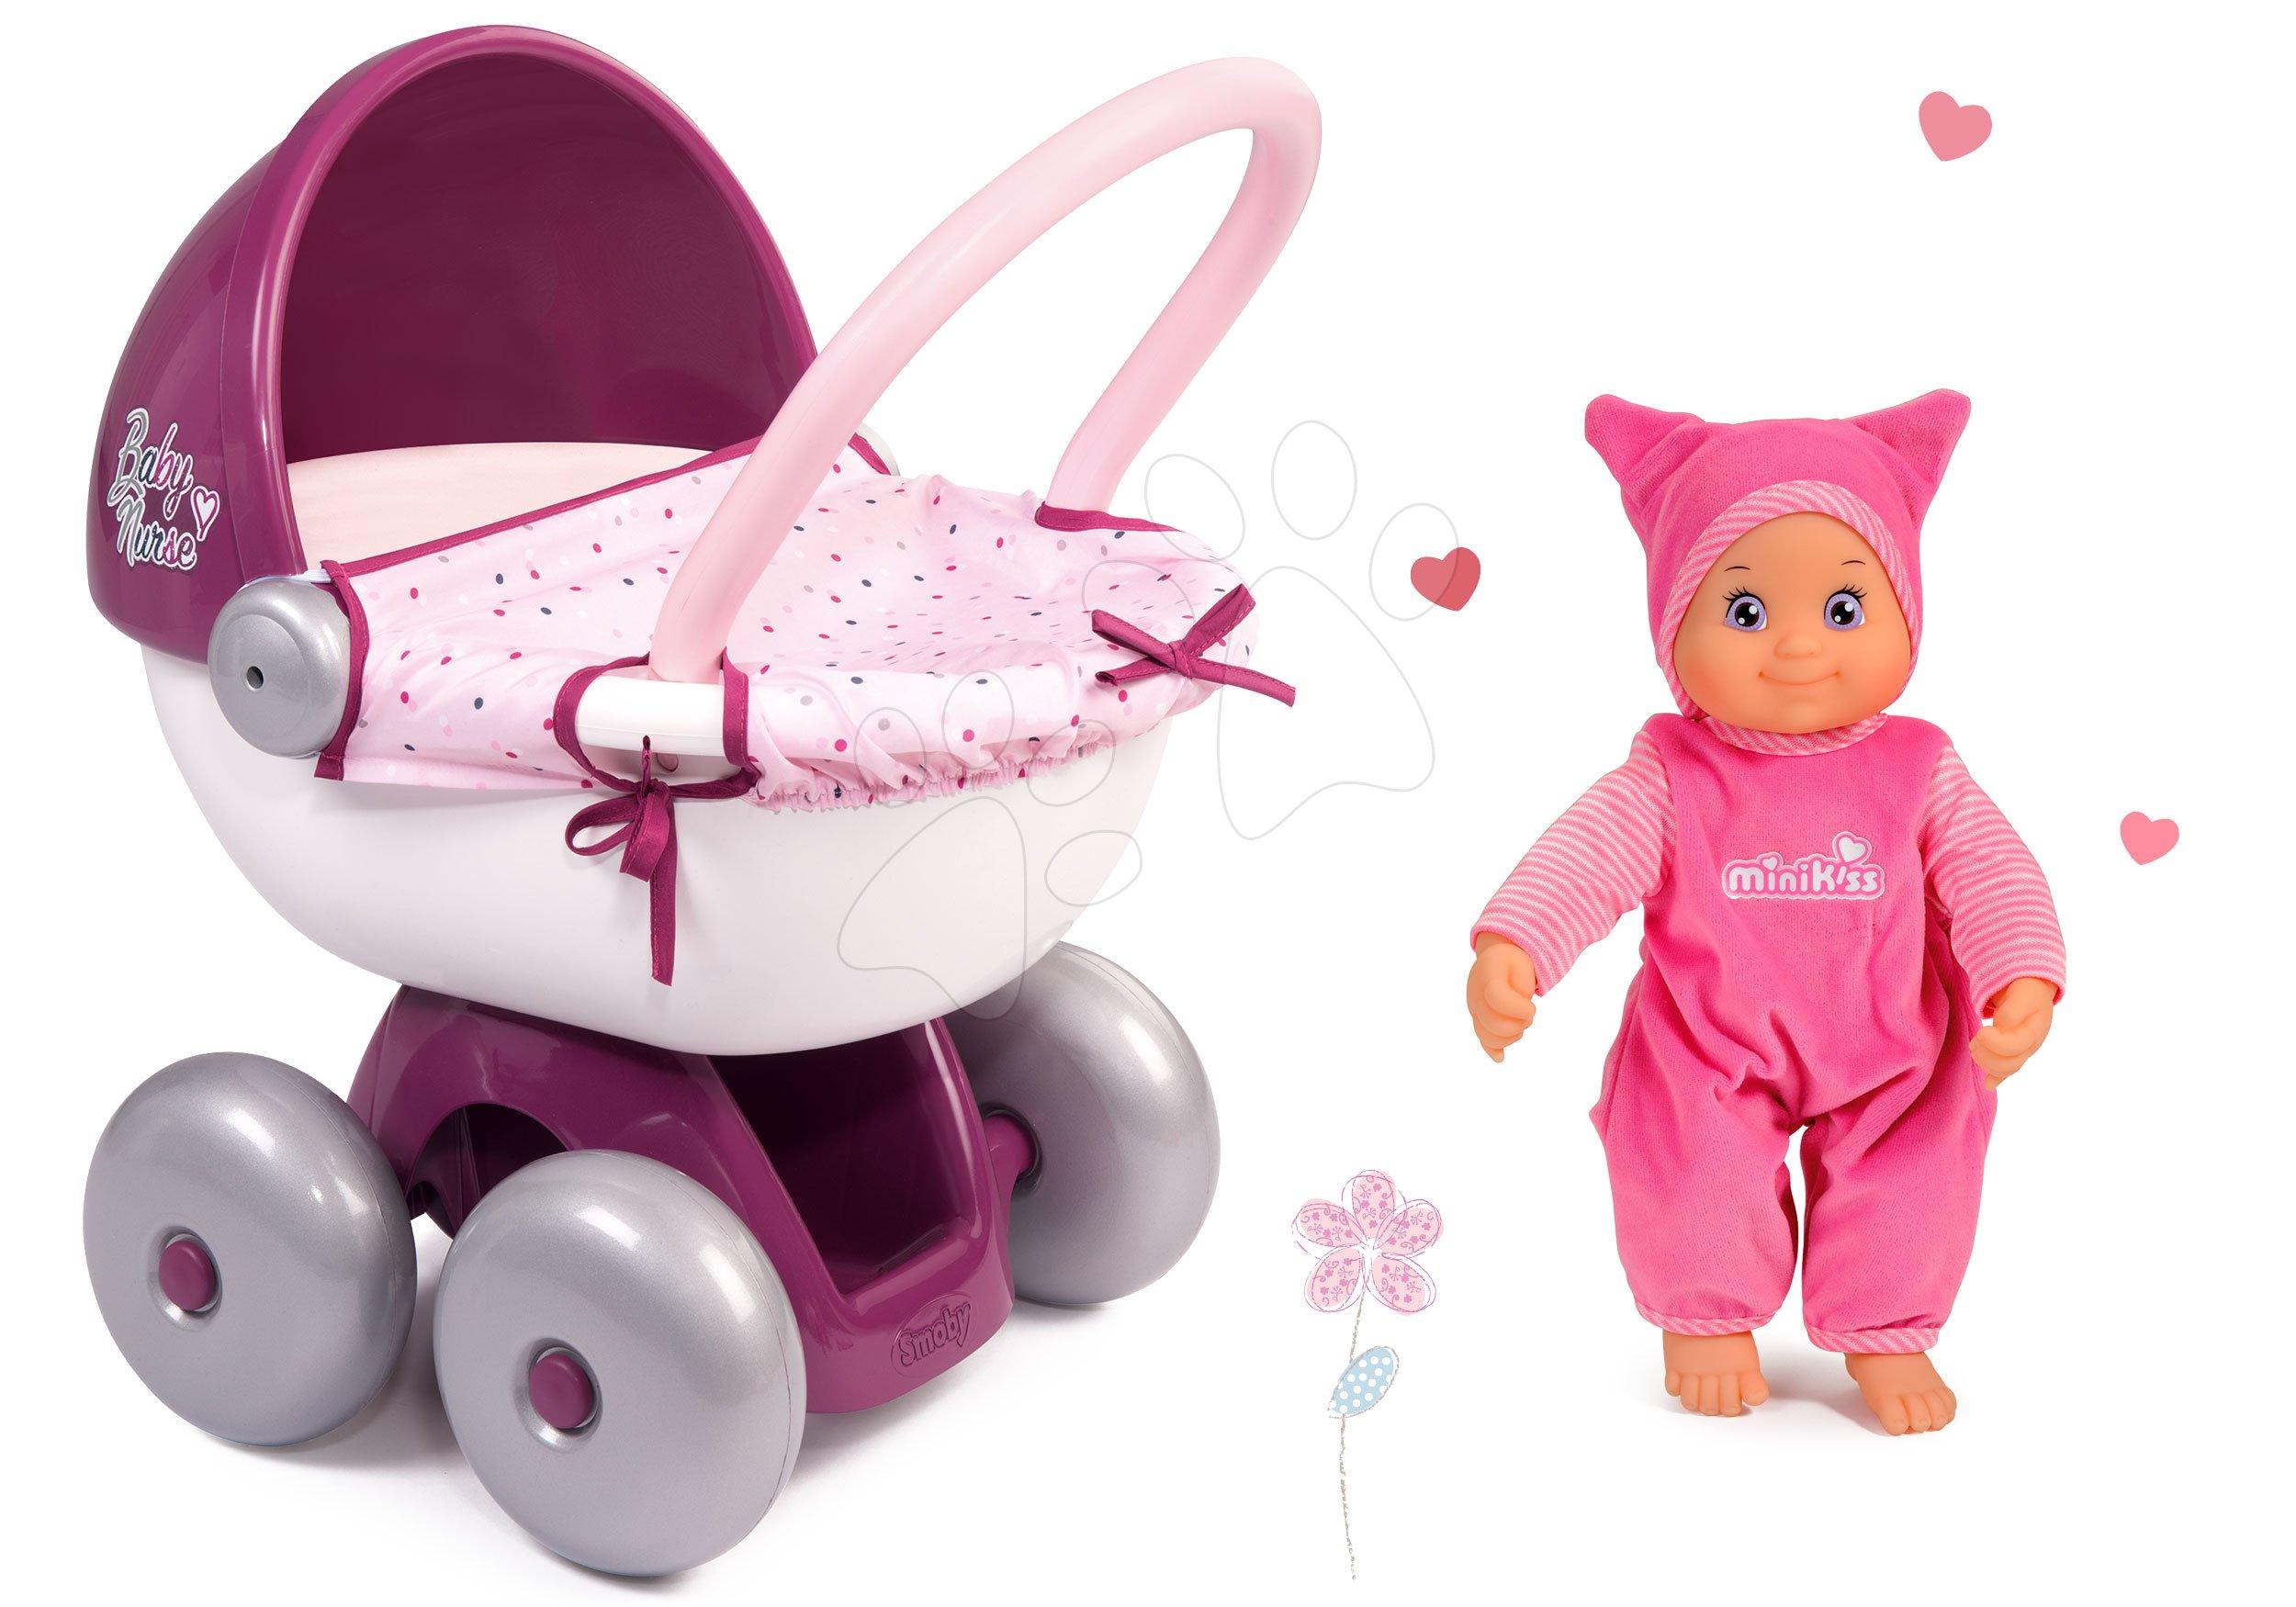 Set panenka Minikiss Smoby 27 cm a hluboký oválný kočárek Baby Nurse pro panenku )56 cm rukojeť) od 18 měsíců